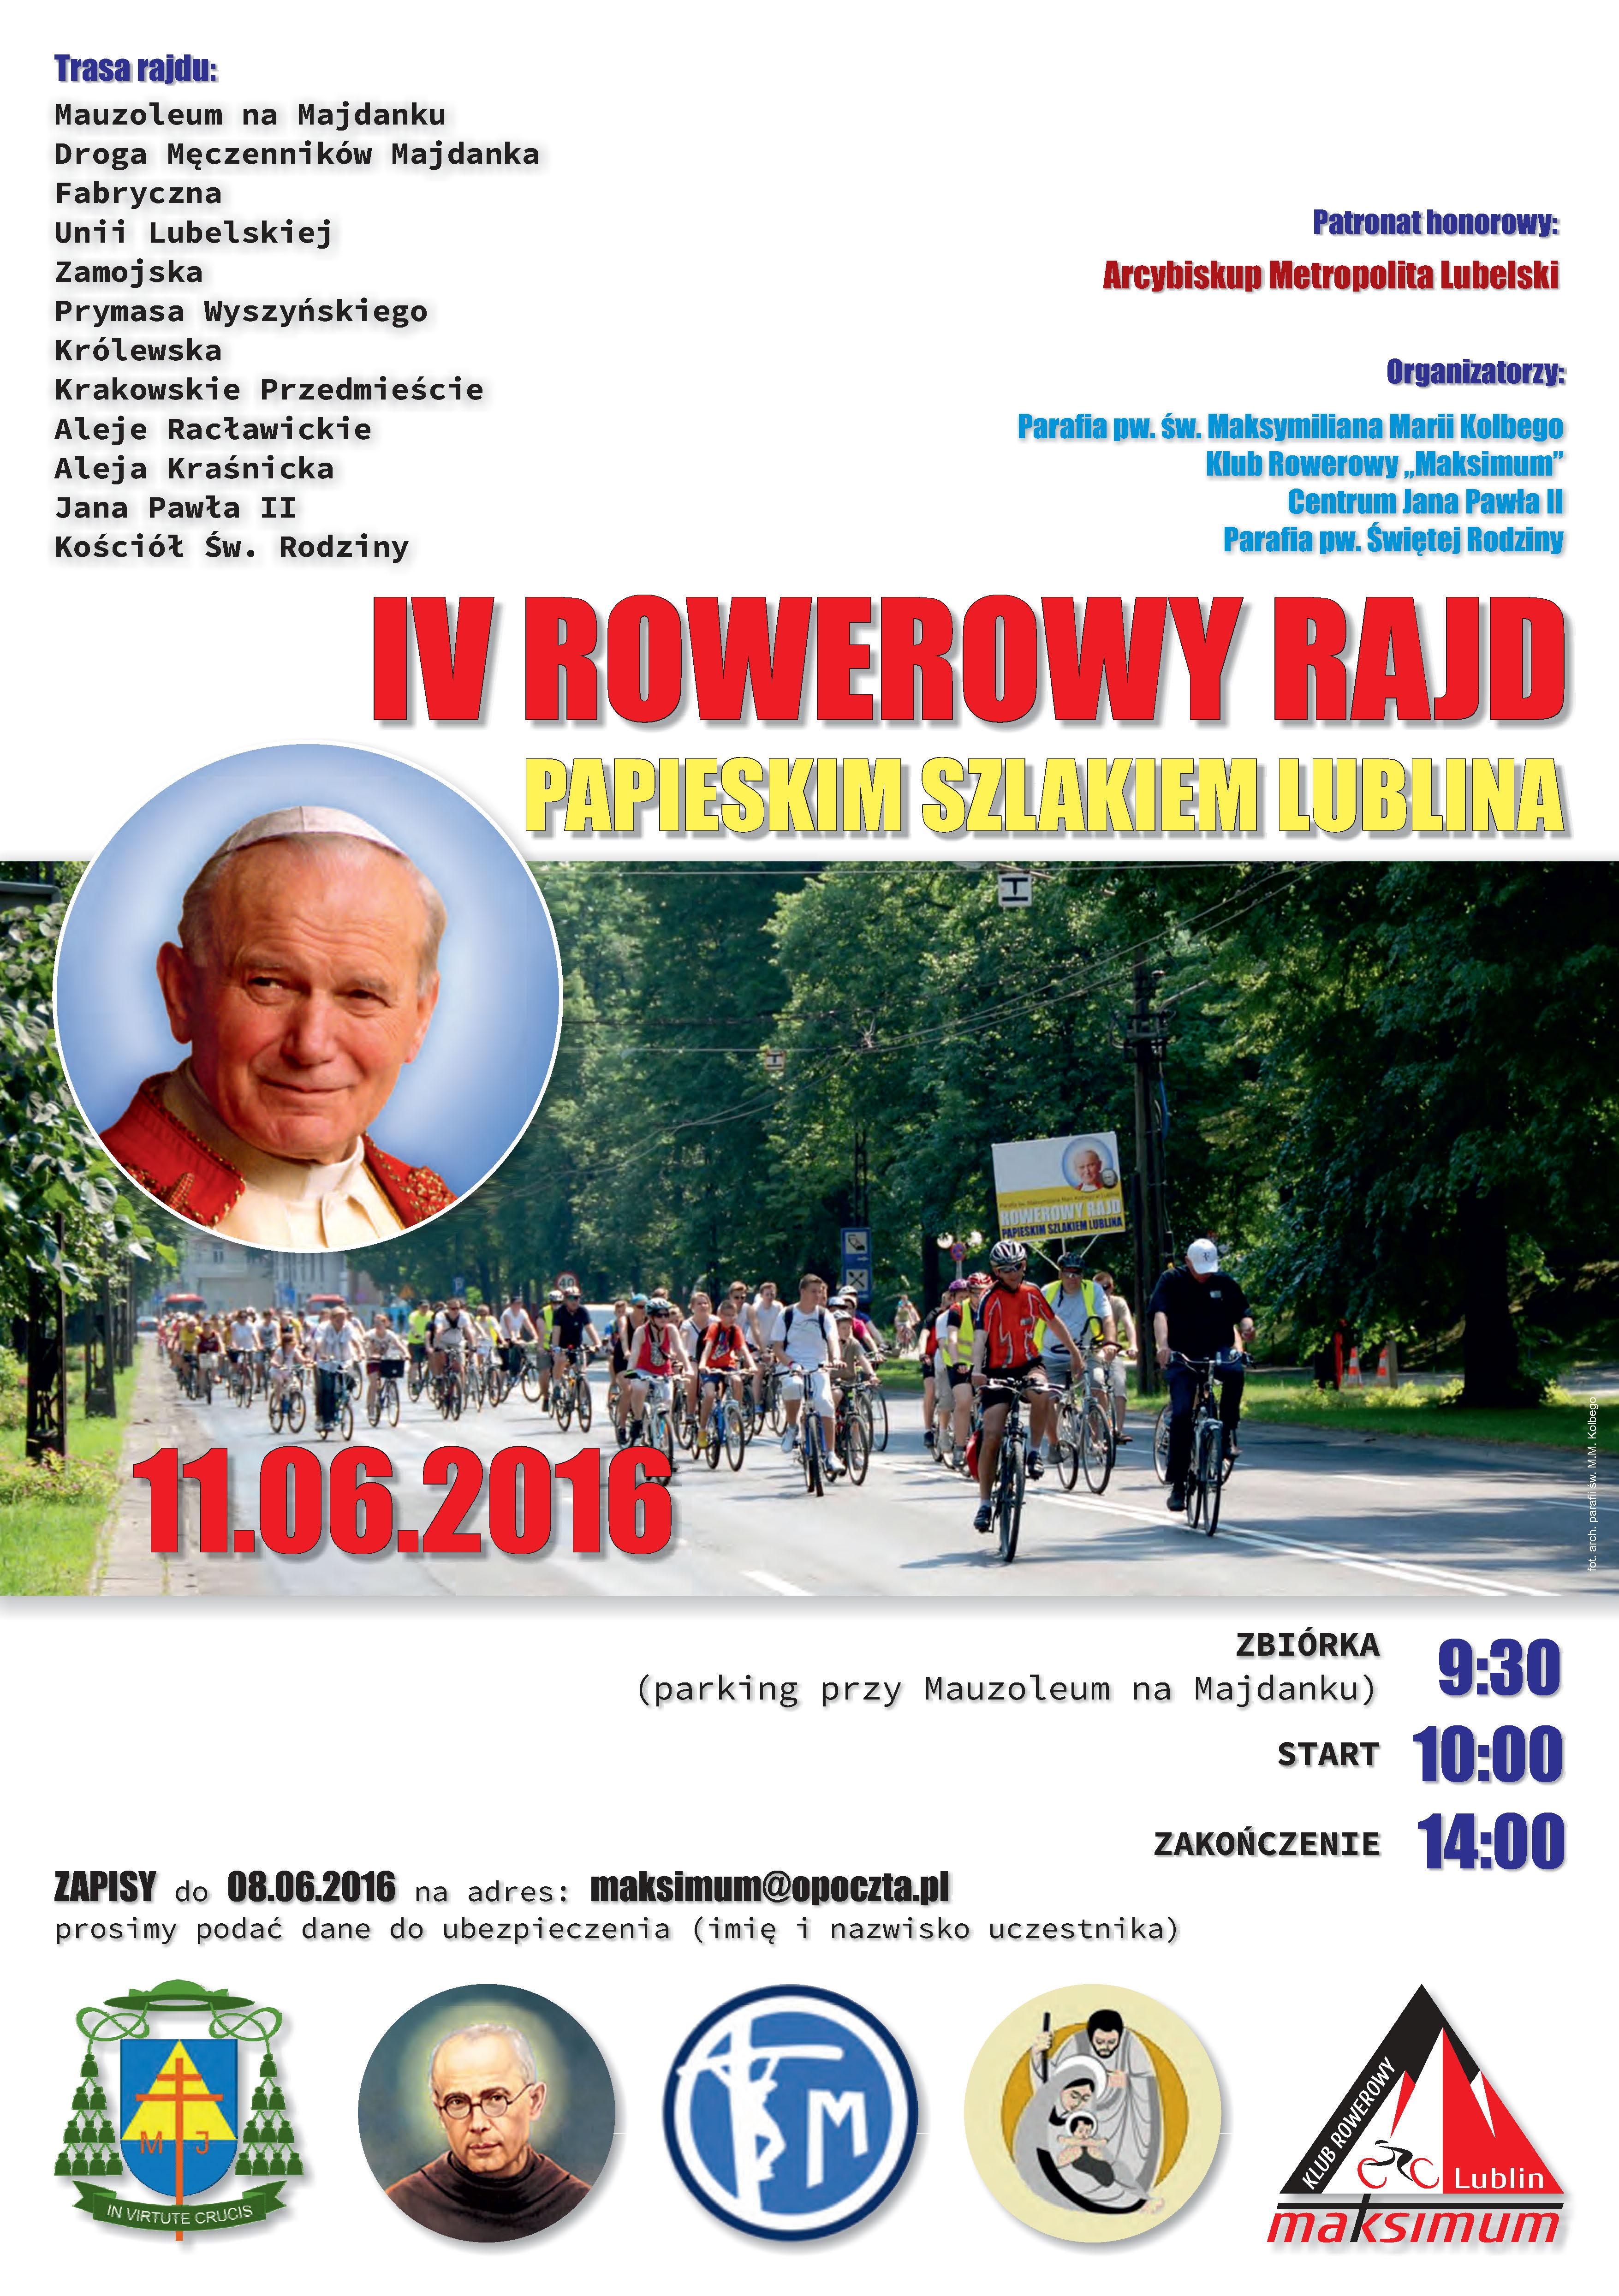 IV Rowerowy Rajd Papieskim Szlakiem Lublina